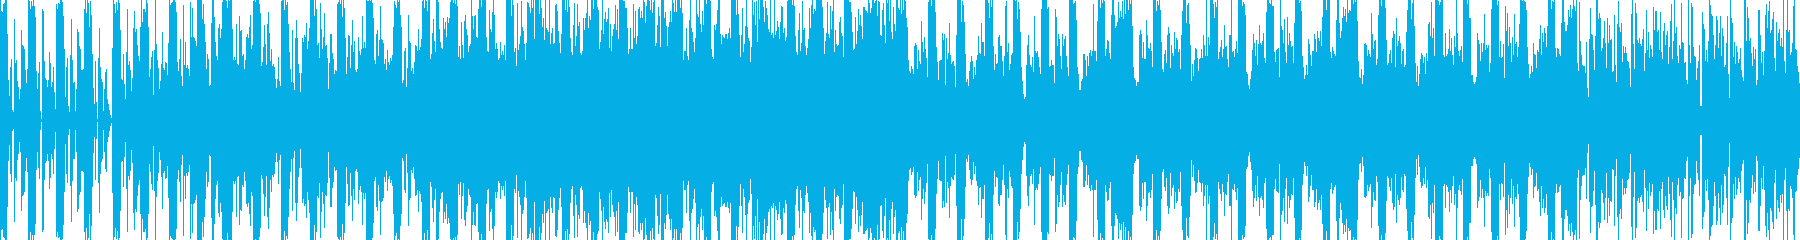 アニメーションやムービーで使えるEDMの再生済みの波形